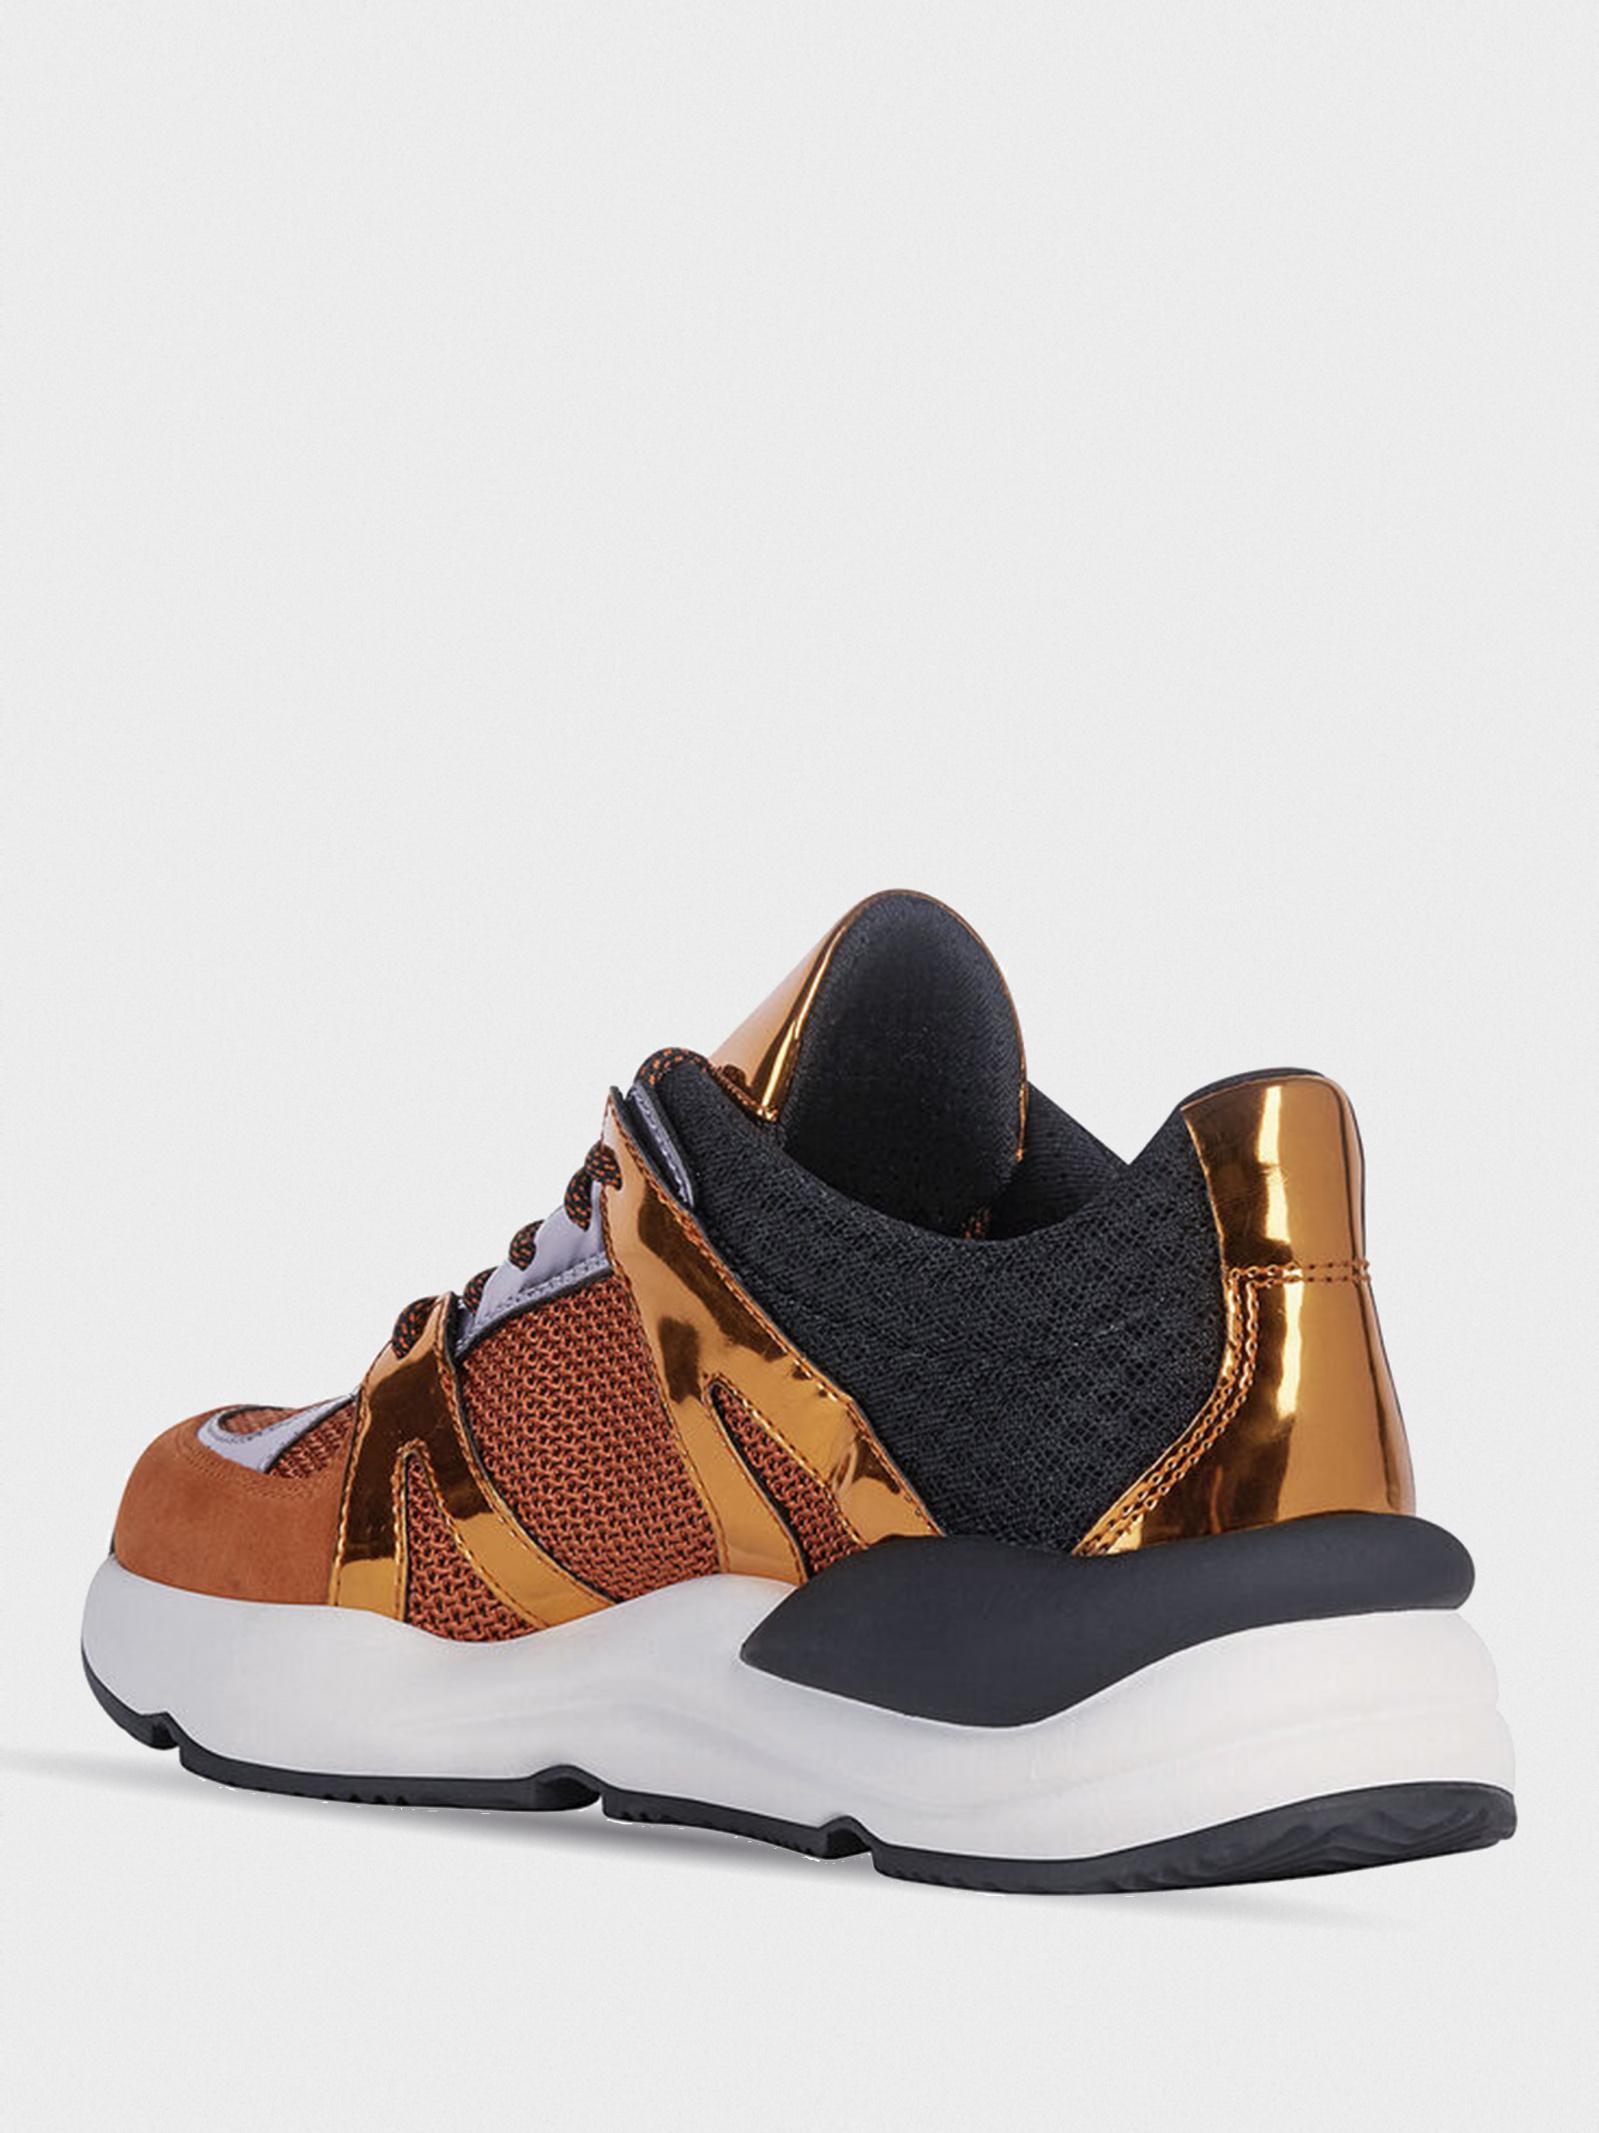 Кросівки  для жінок Geox D TOPAZIO D02GDA-014BN-C2T7L модне взуття, 2017